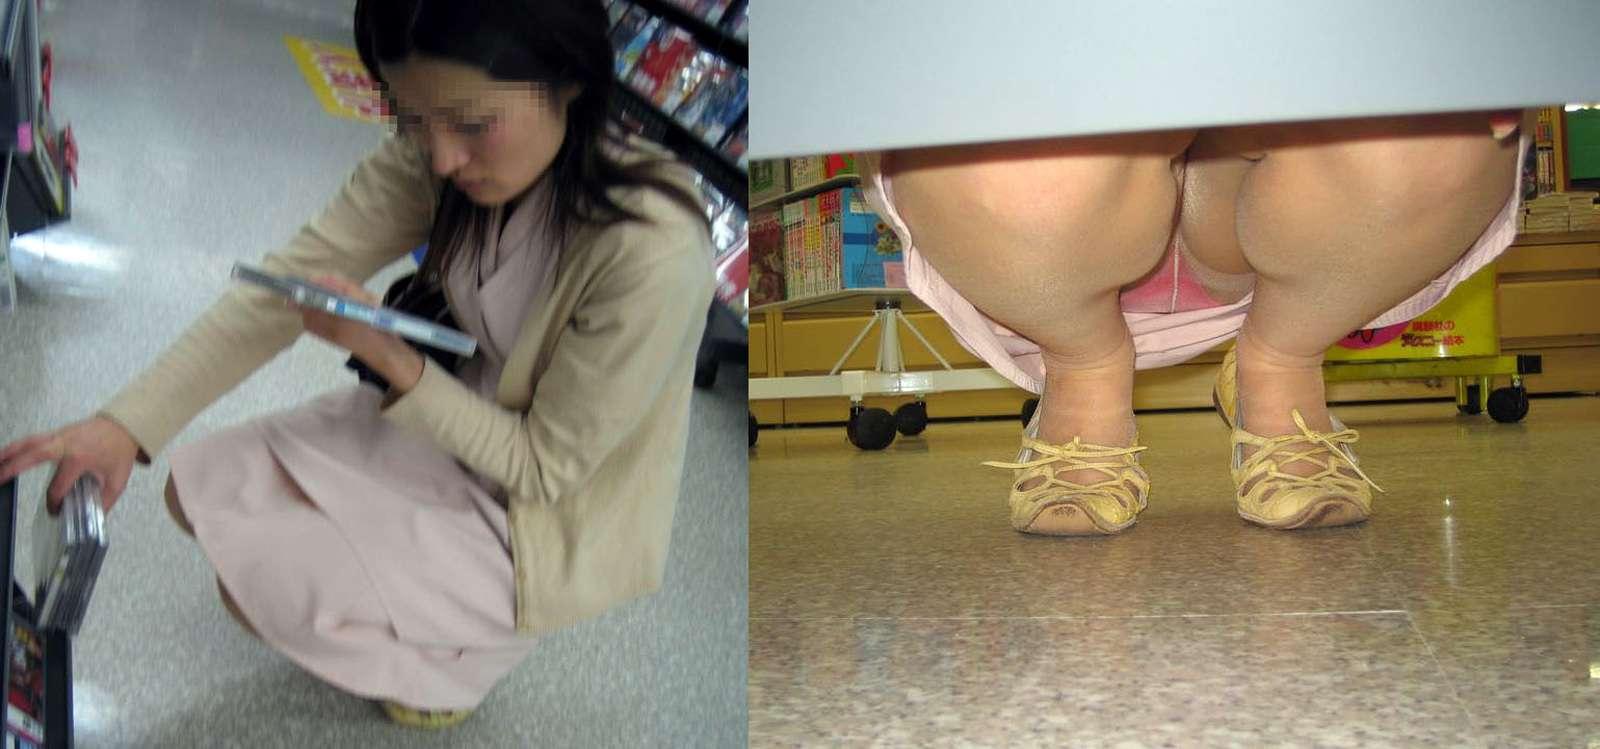 病院内のトイレや仕事中のナースを盗撮した画像8枚目